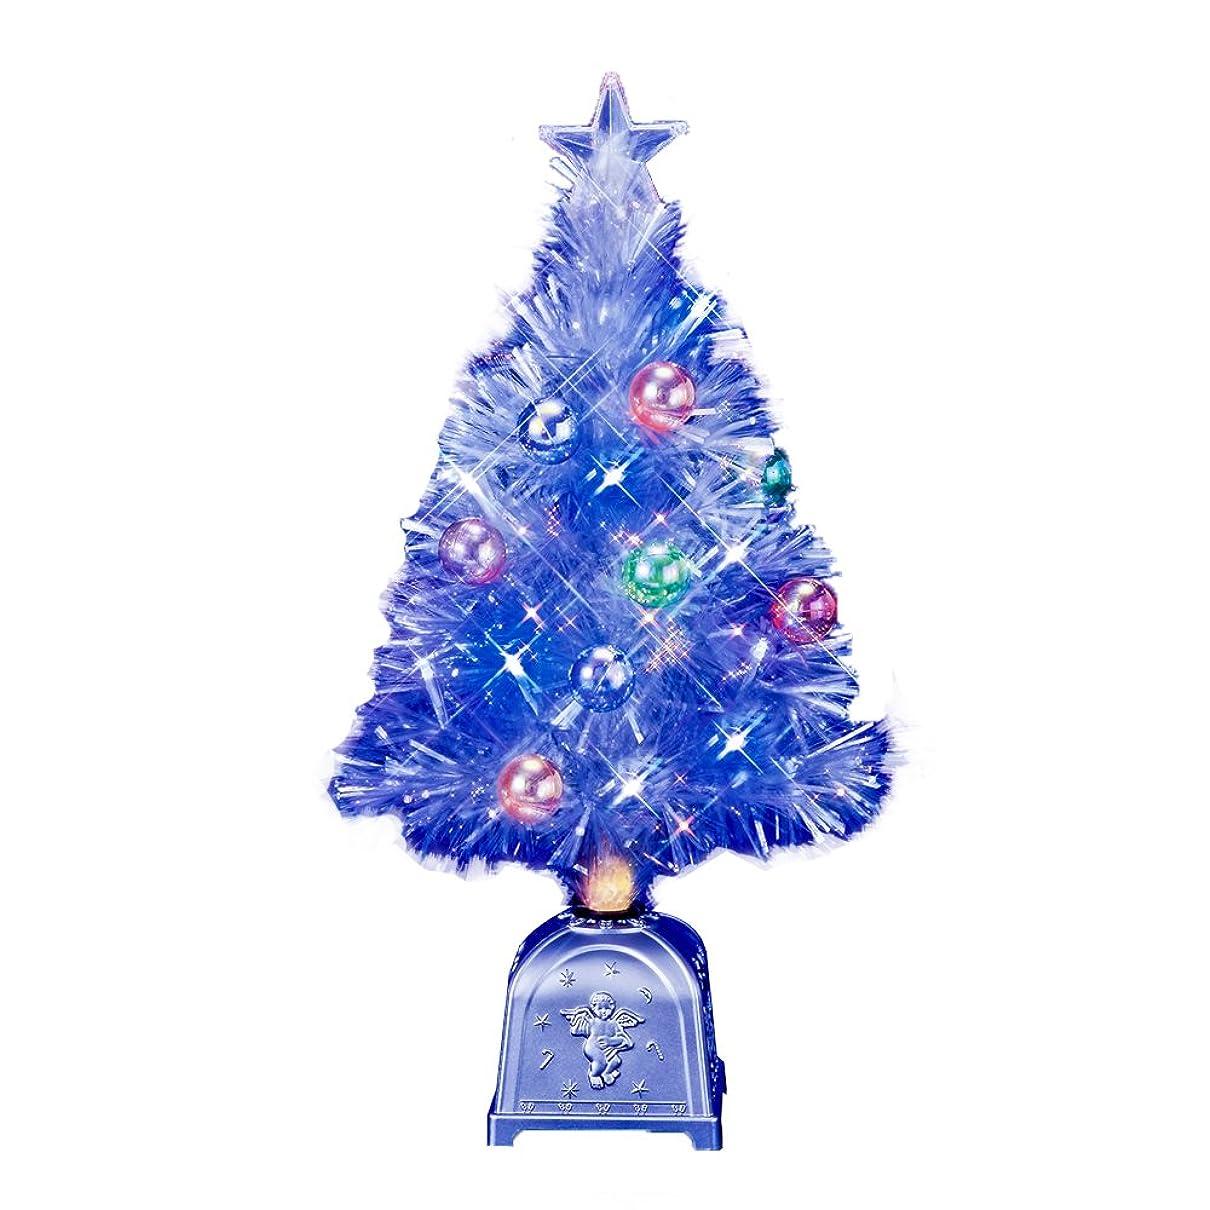 好奇心盛領収書作りますフローレックス(FLOREX) クリスマスツリー ファイバーツリー ファンタジーホワイト&ブルーLEDホワイトギャザーチップファイバーツリー 高さ60cm FX-3781